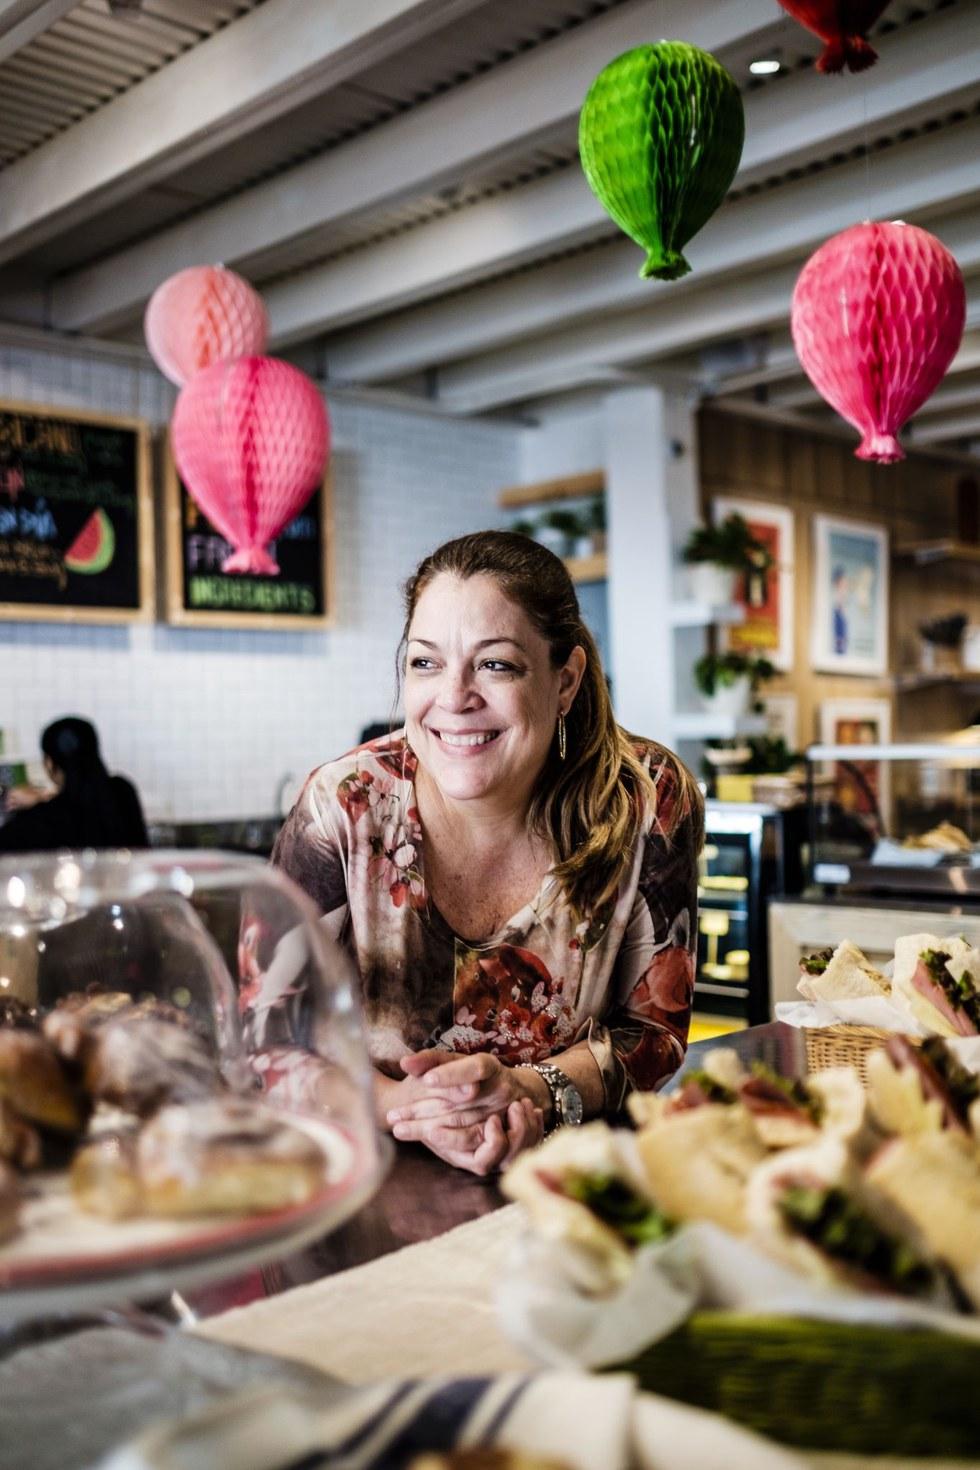 Elena Hern\u00e1ndez, founder, Panam\u00e1 Gastron\u00f3mica